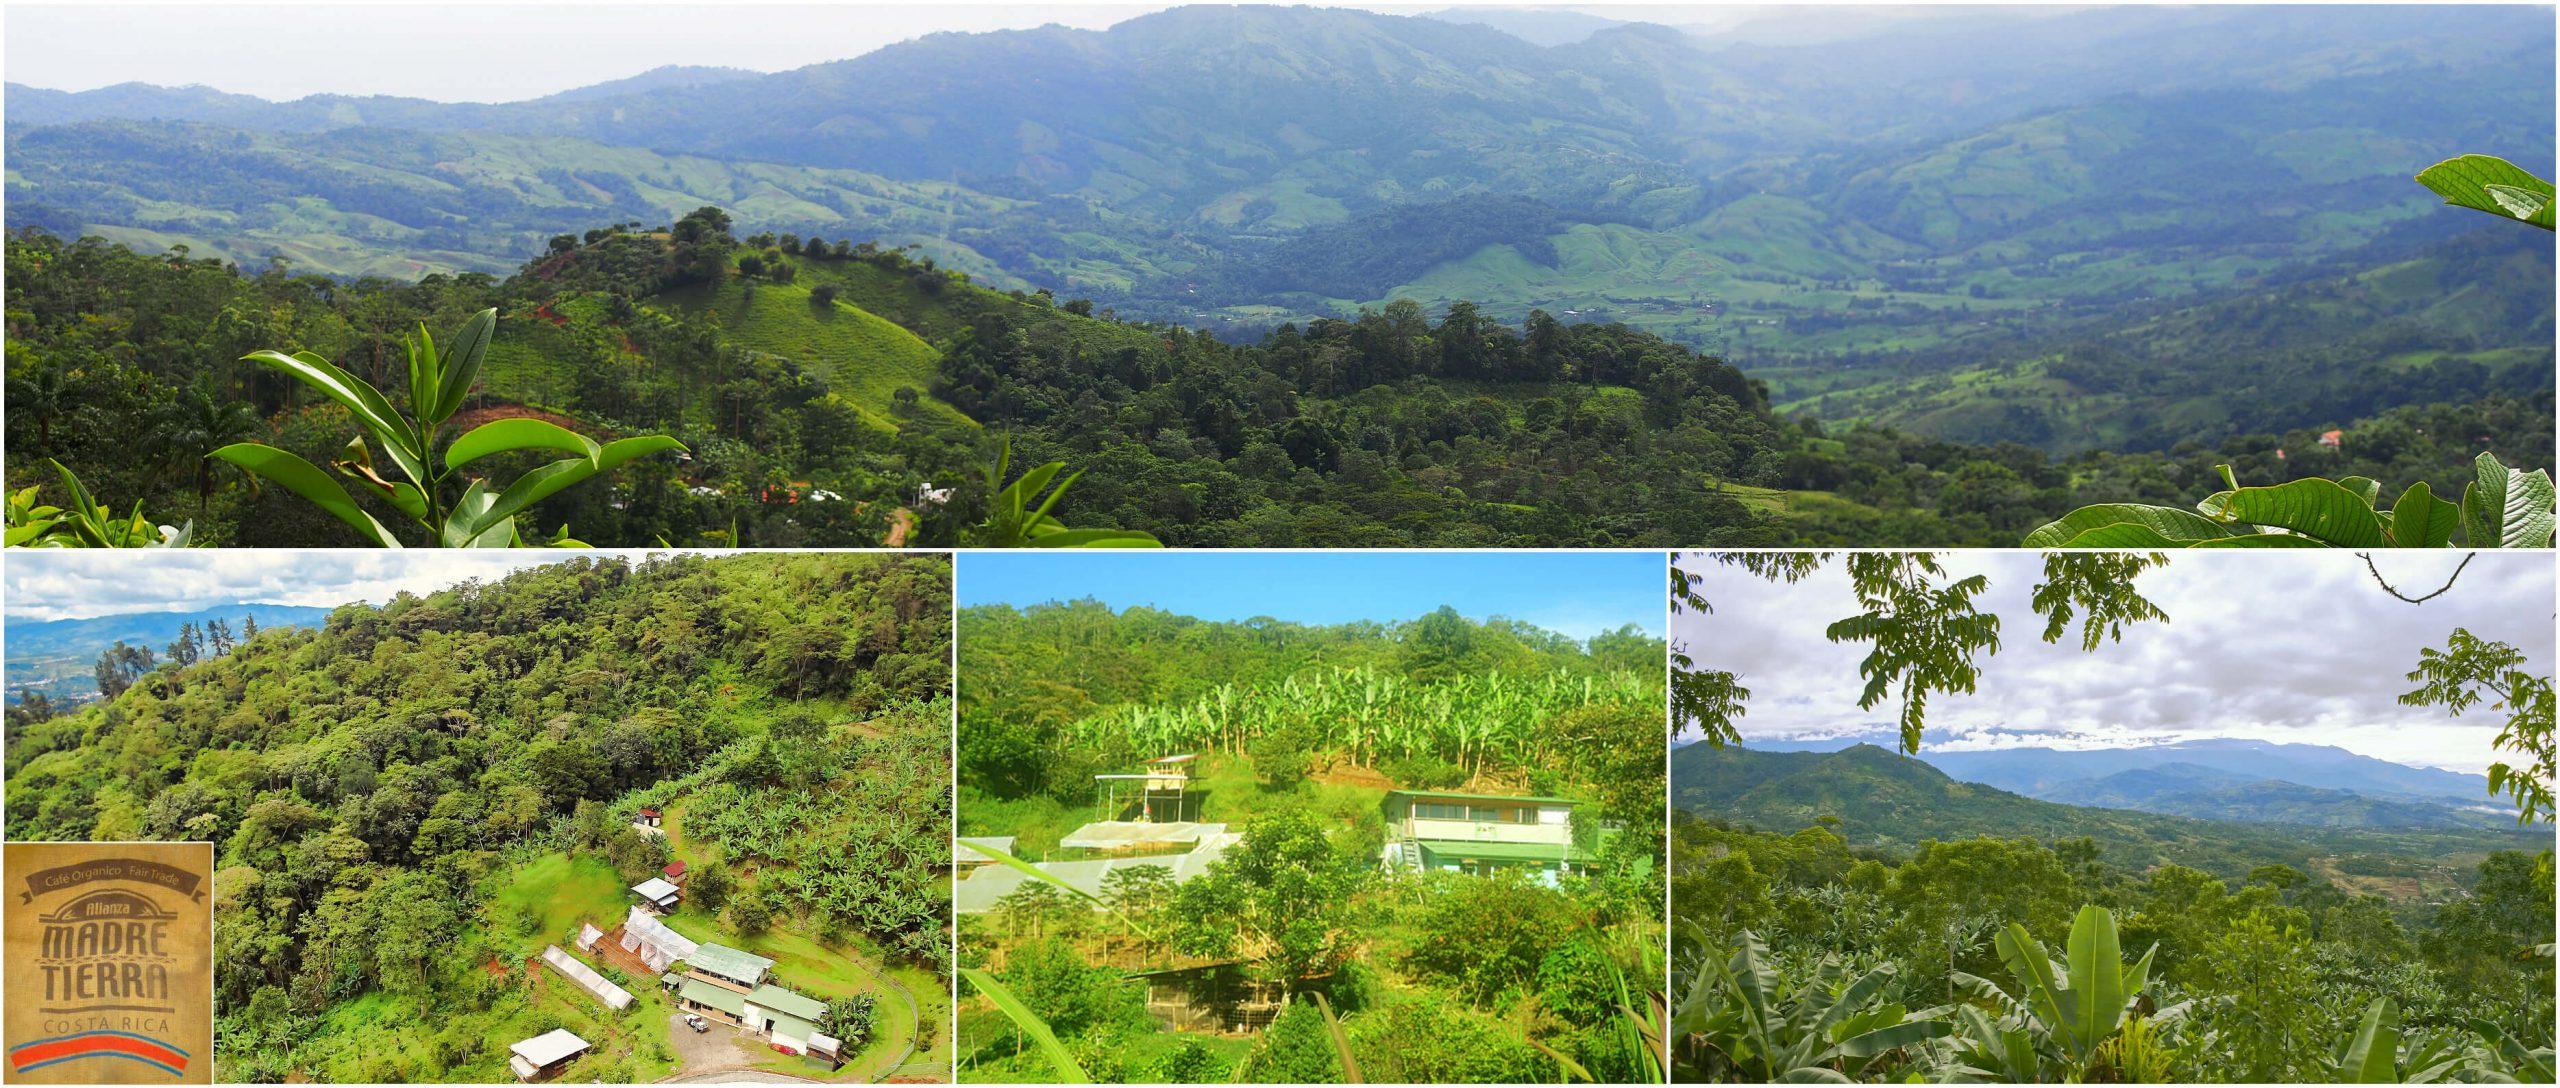 Farm Madre Tierra Panorama